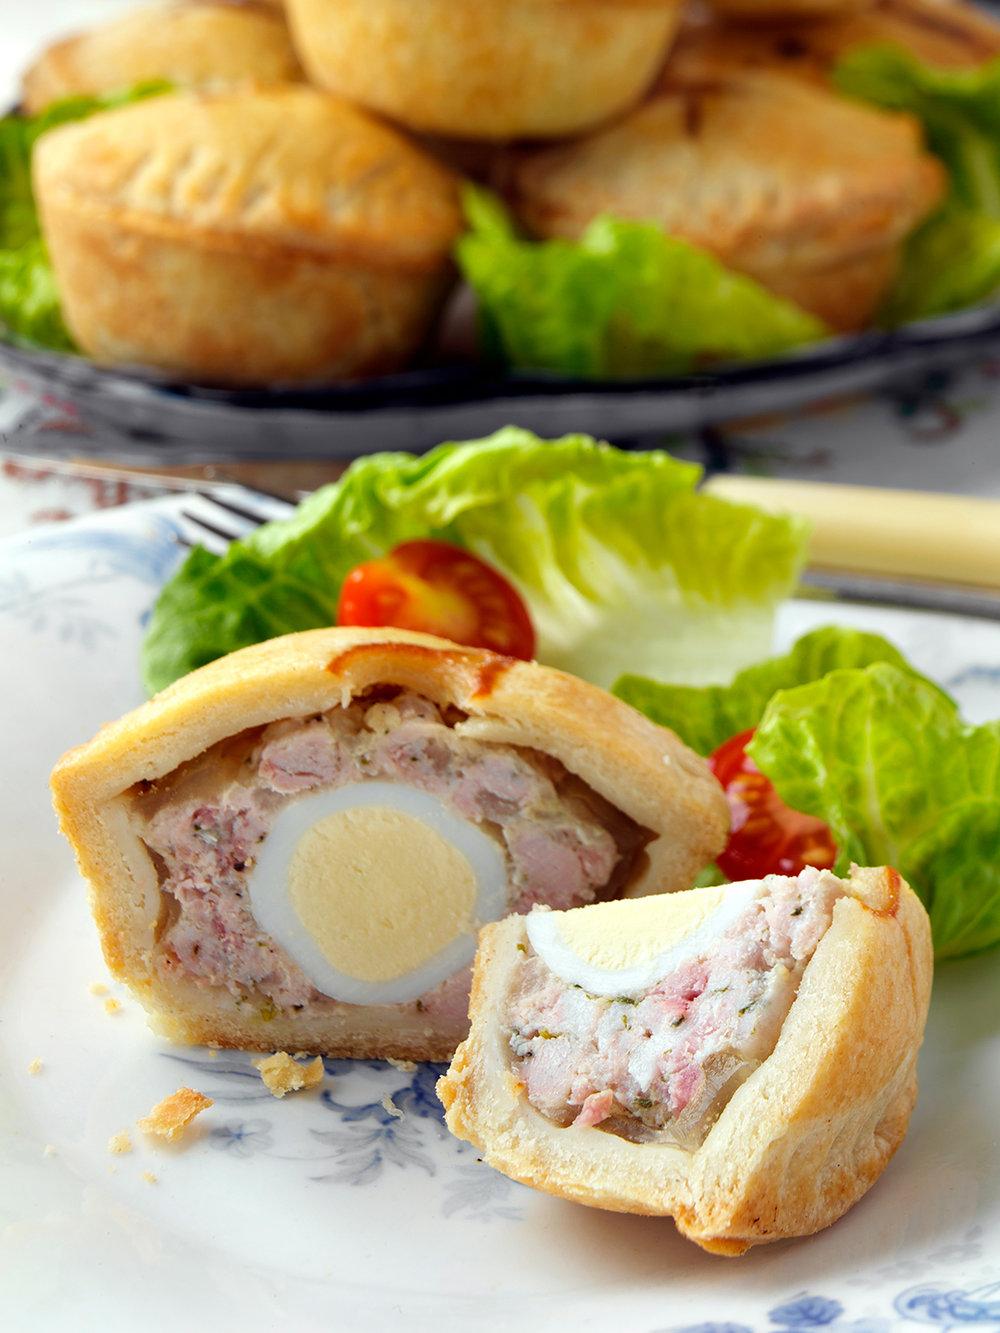 Homemade pork pies